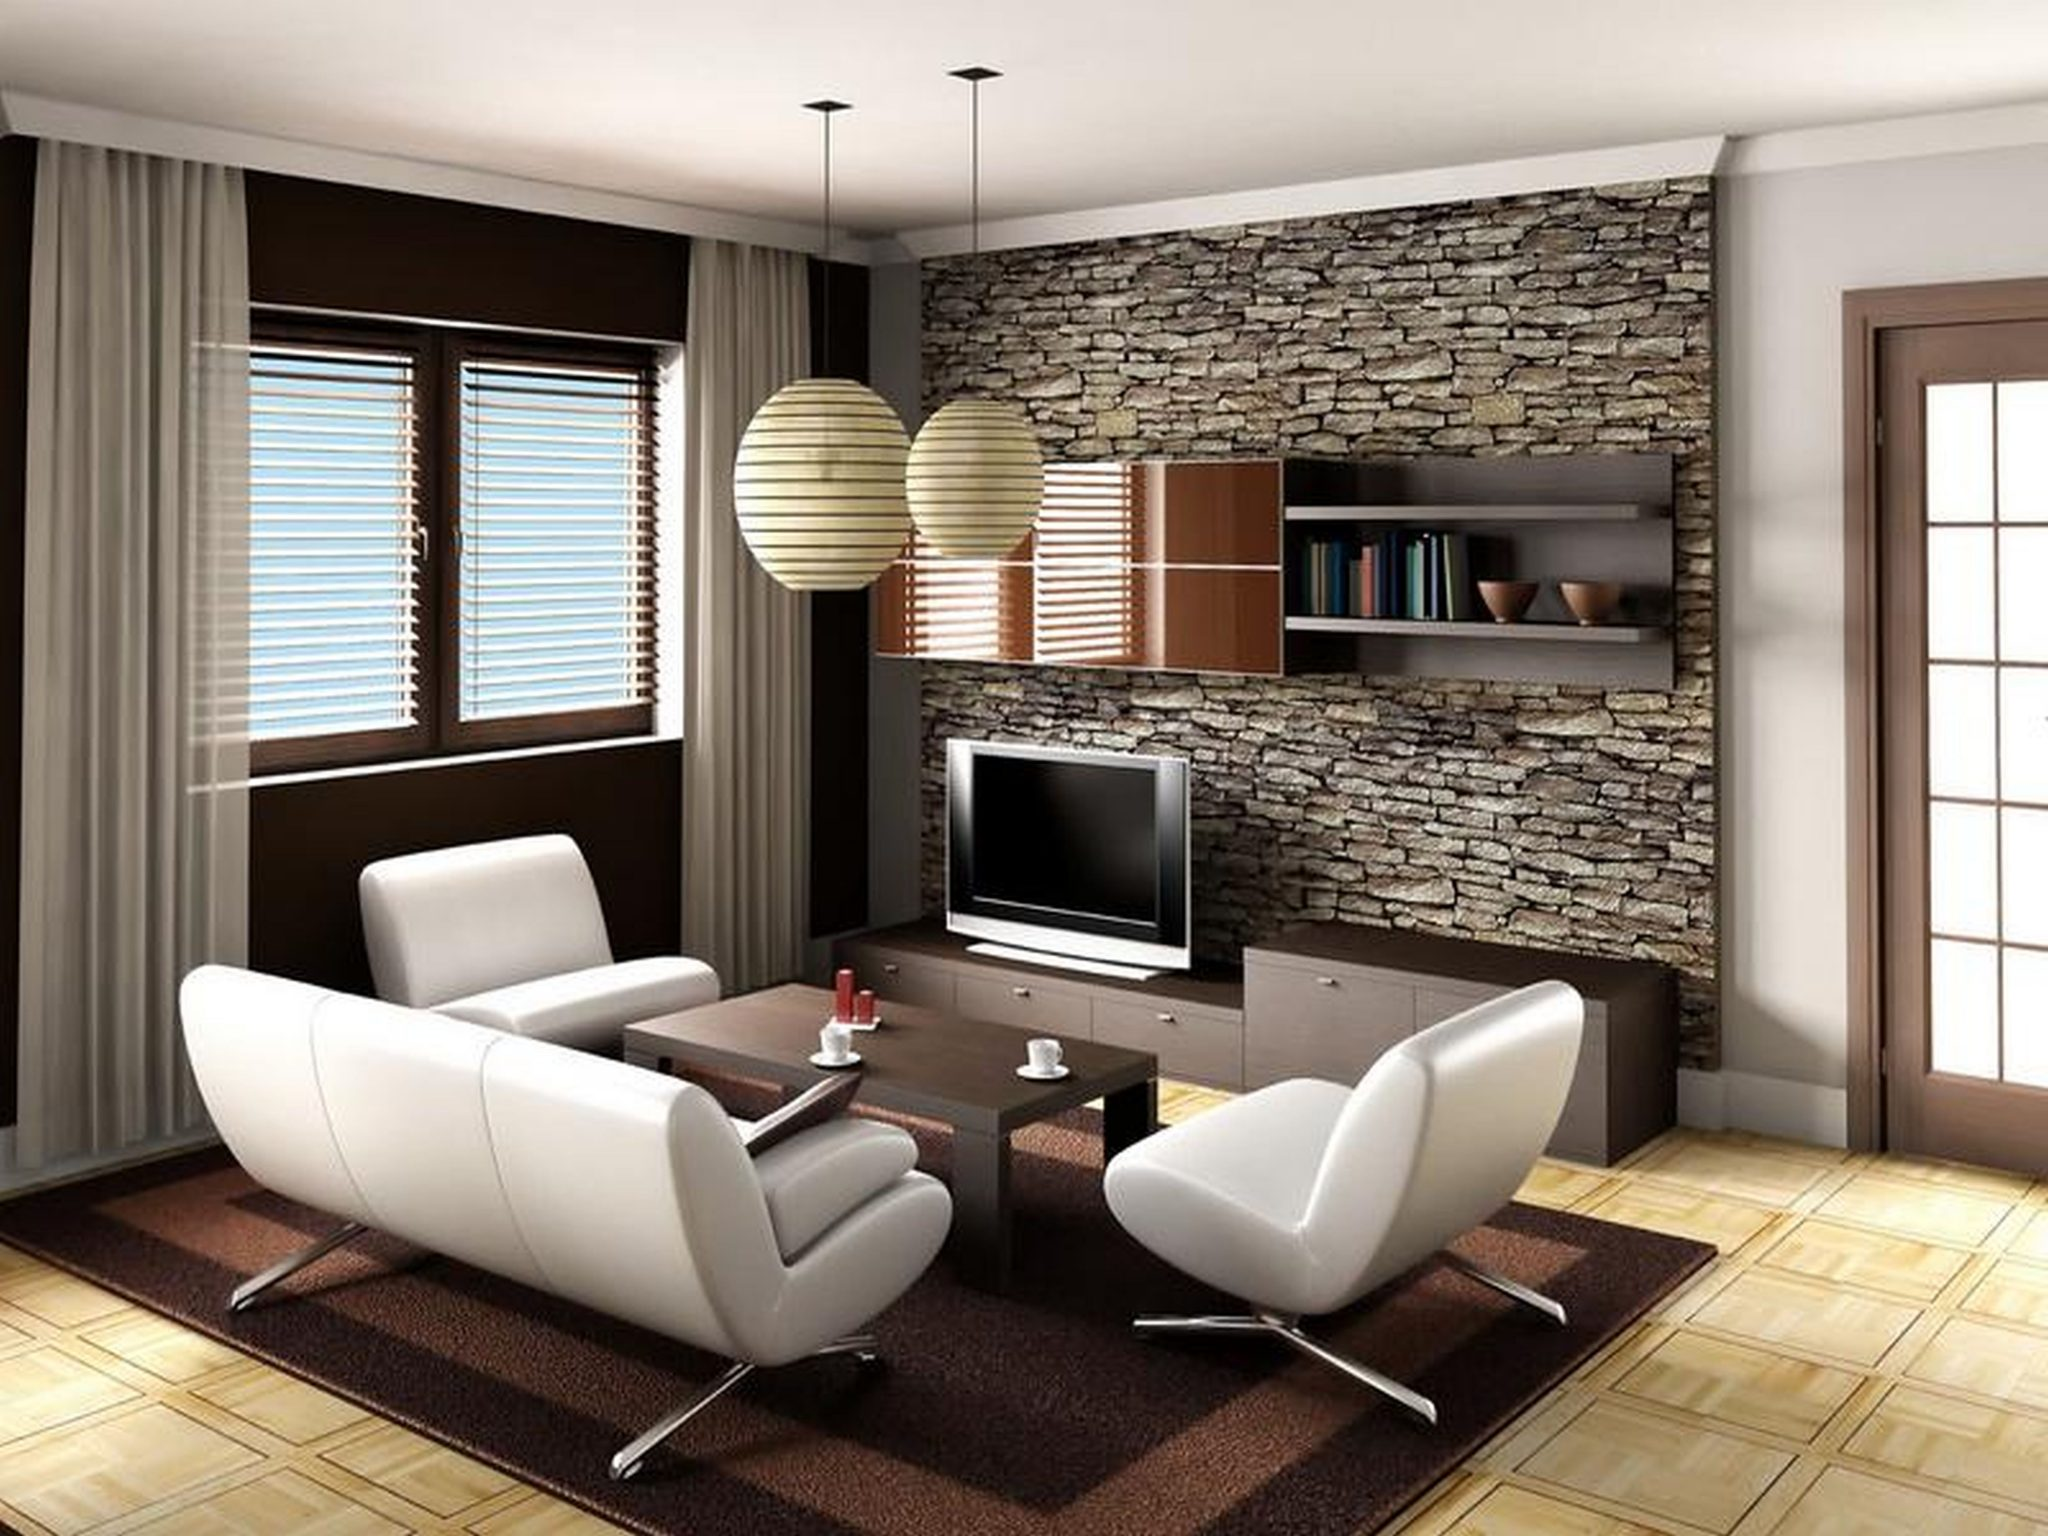 salas de estar moderna y pequeña